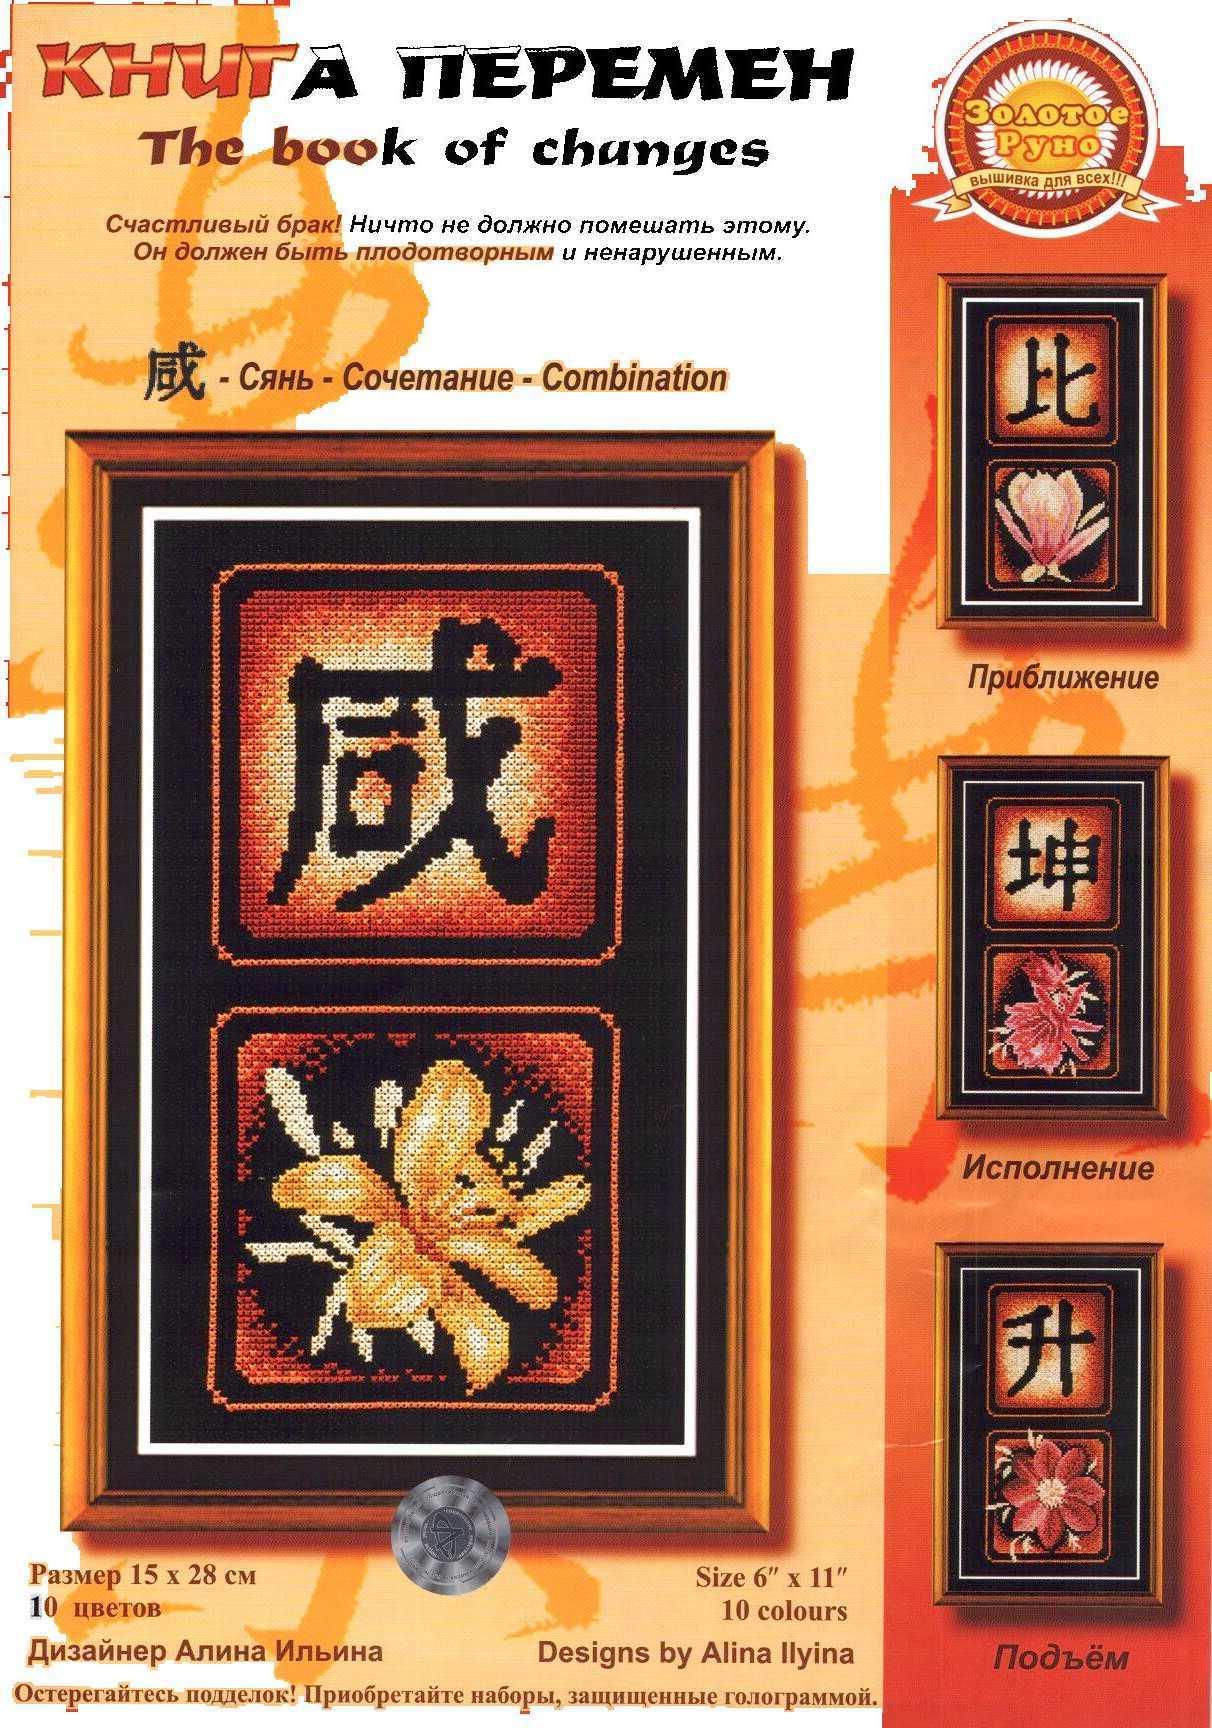 Схема вышивок крестом книга перемен